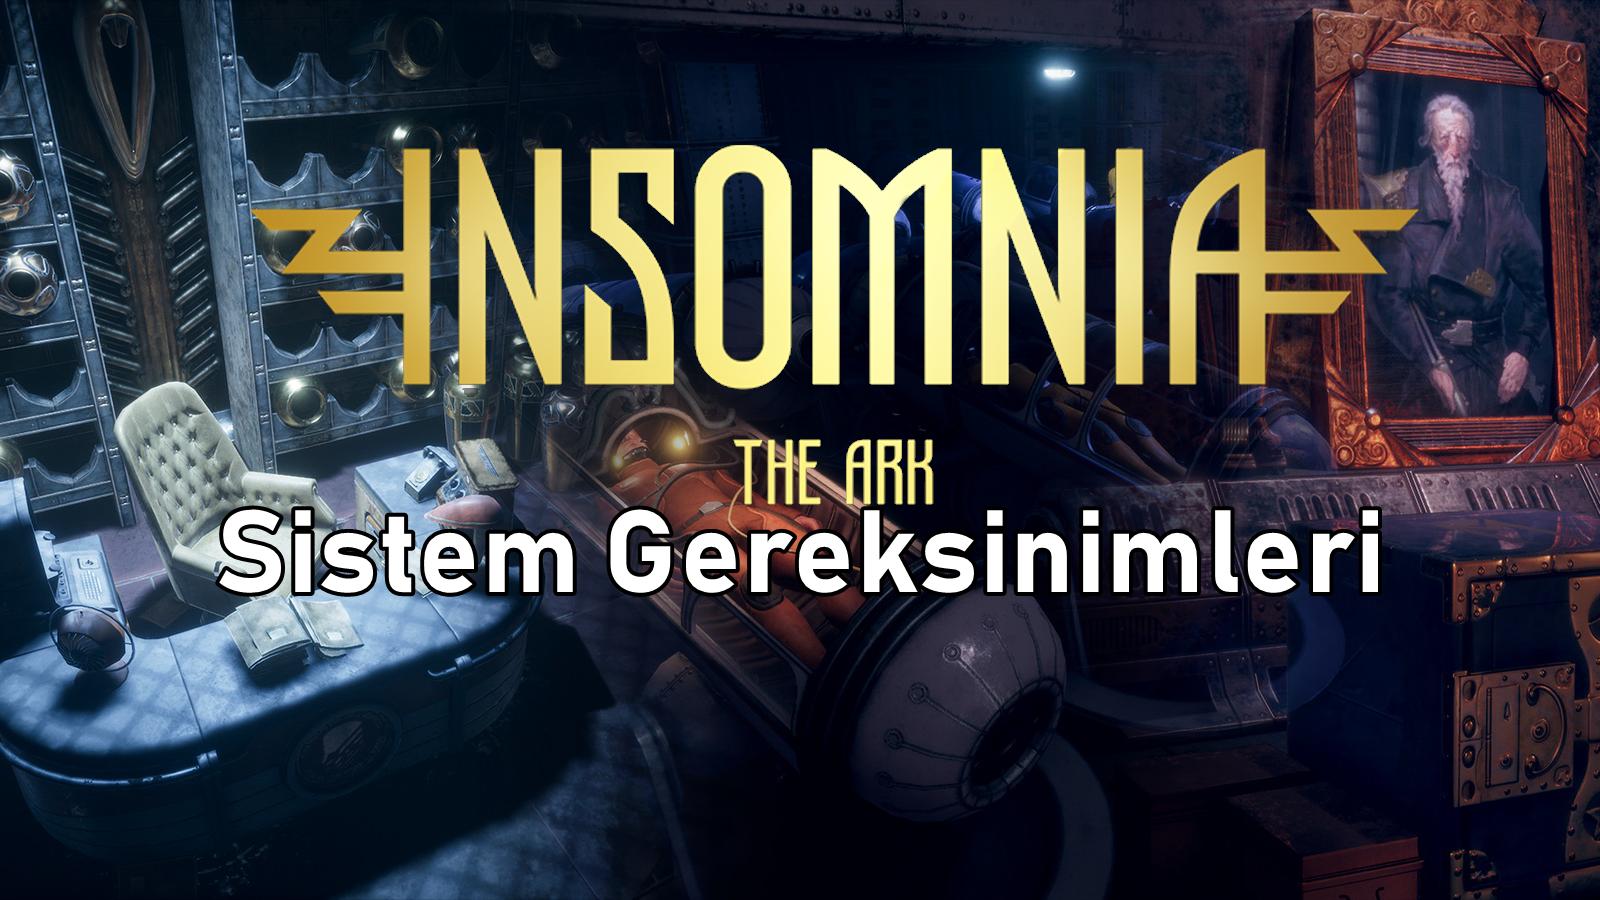 INSOMNIA: The Ark Sistem Gereksinimleri